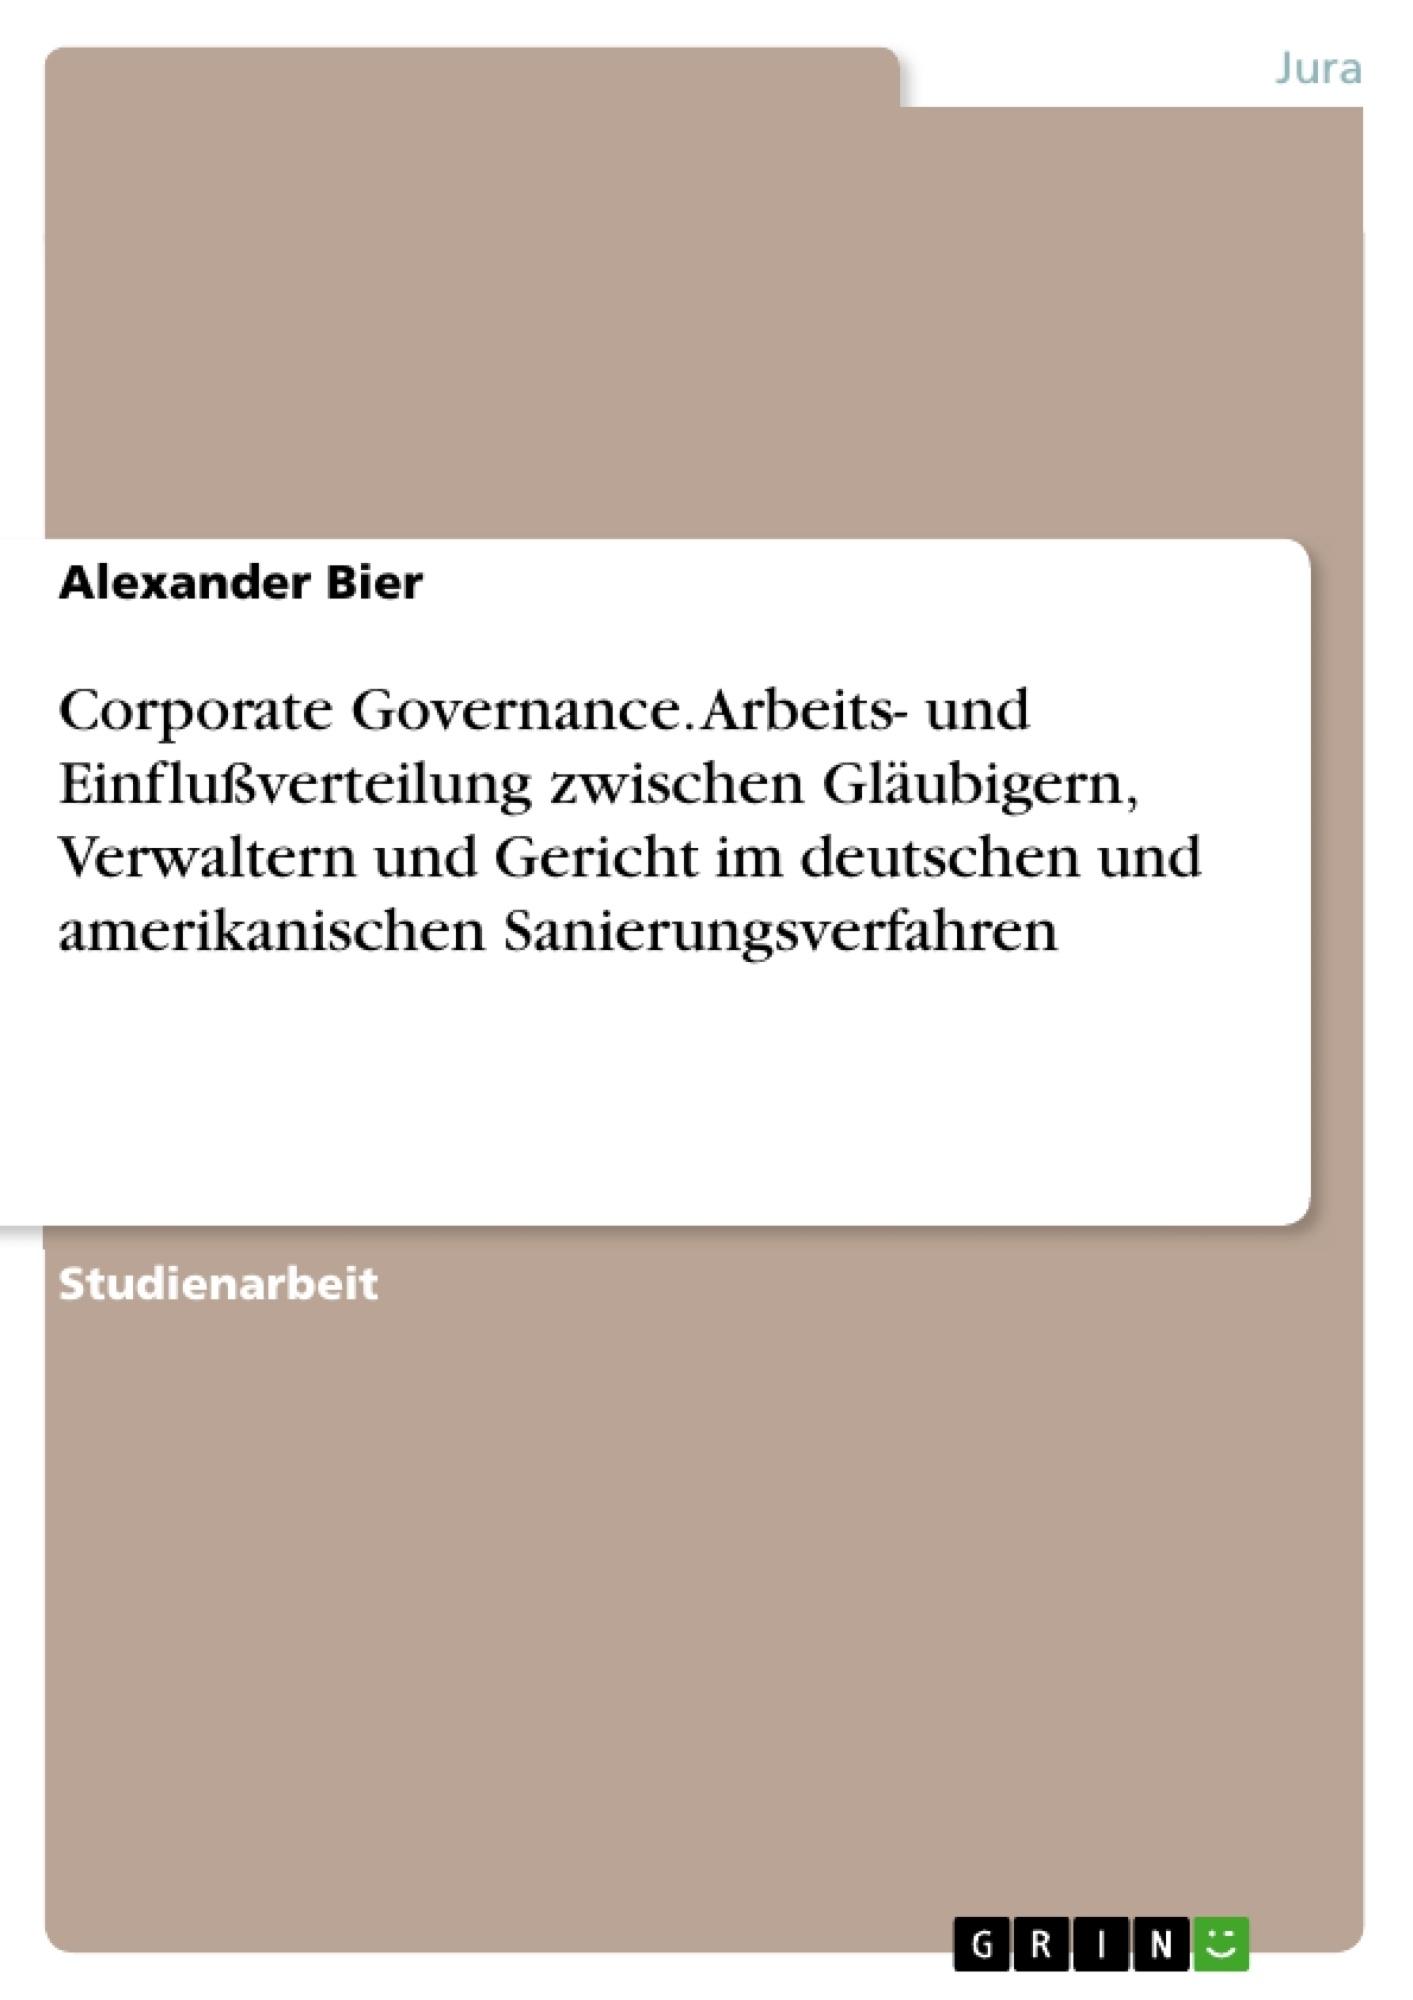 Titel: Corporate Governance. Arbeits- und Einflußverteilung zwischen Gläubigern, Verwaltern und Gericht im deutschen und amerikanischen Sanierungsverfahren